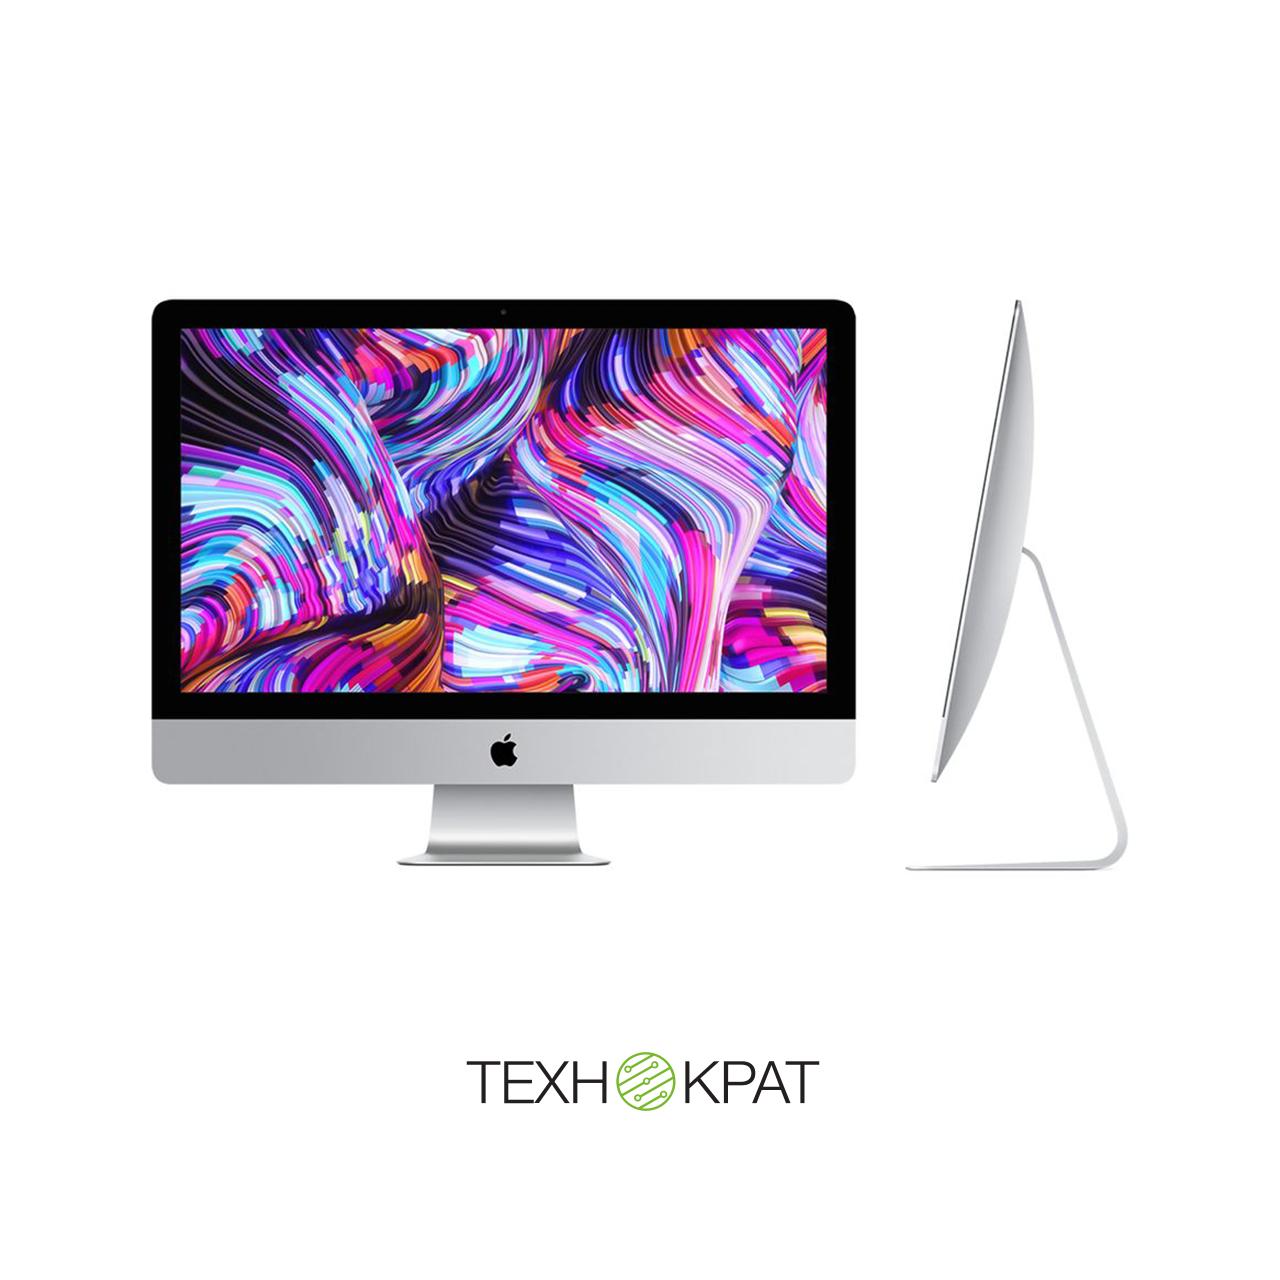 iMac Retina 5K, 27″